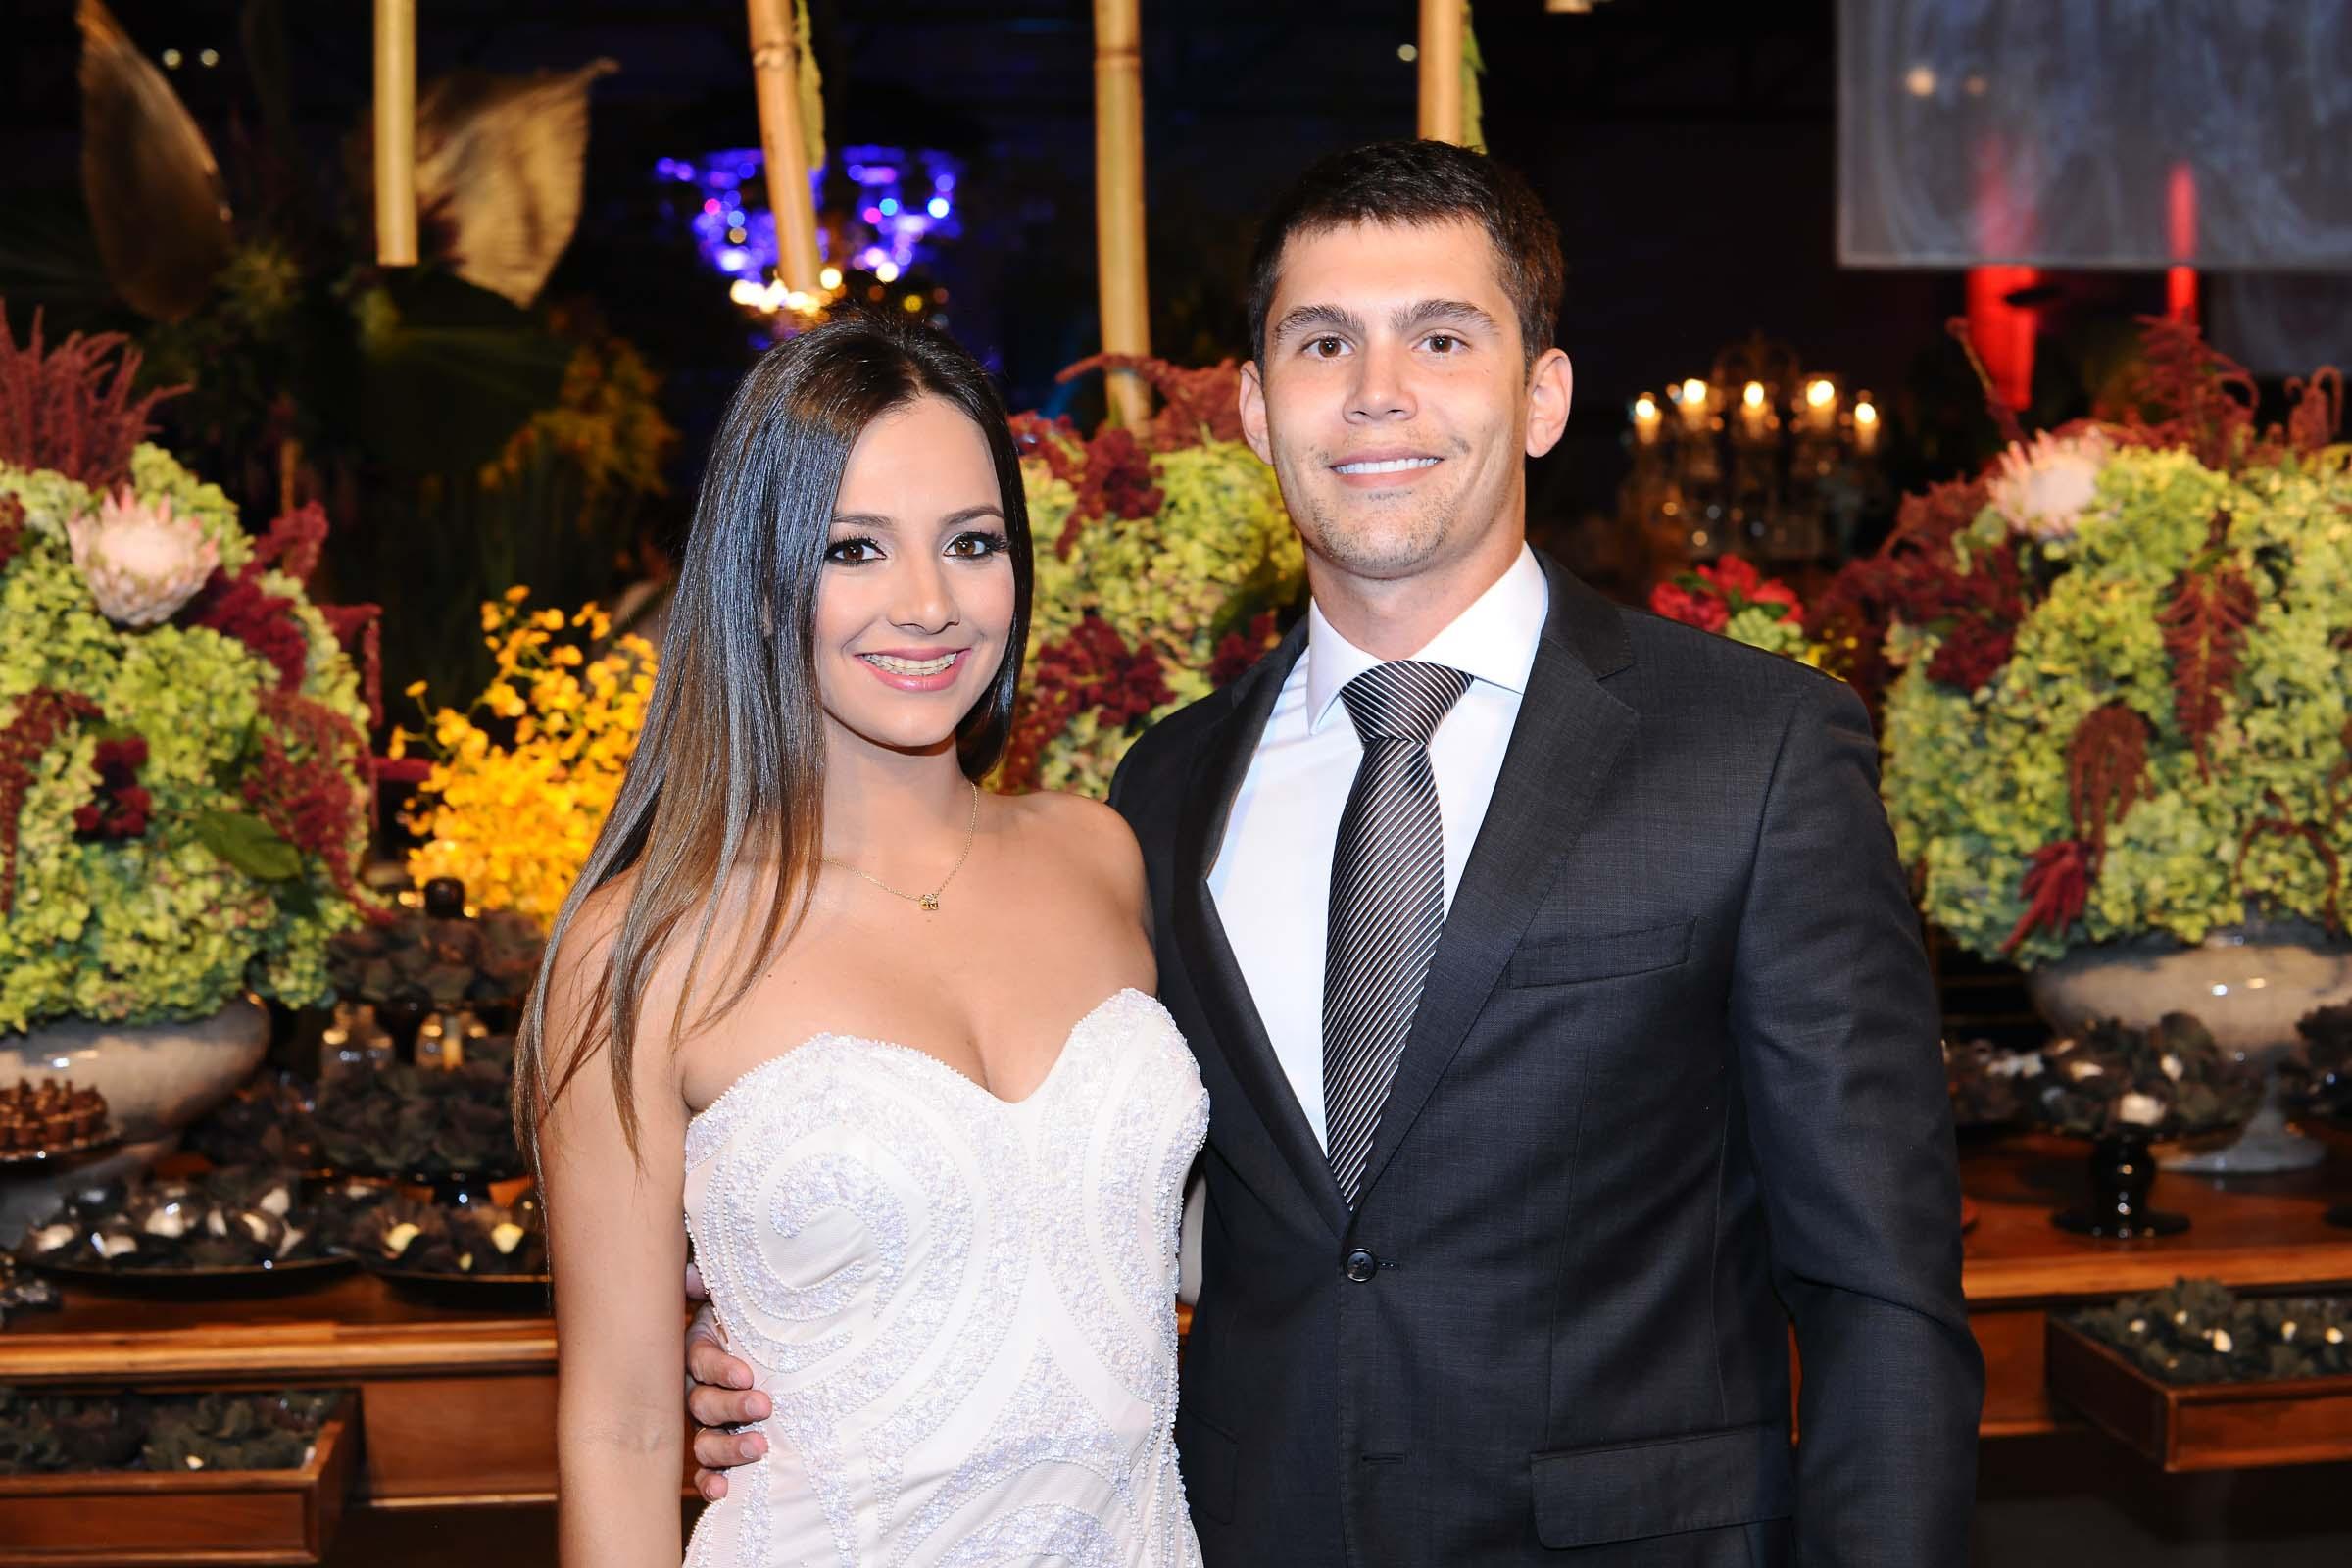 Os noivos Bruna e Guilherme Reich